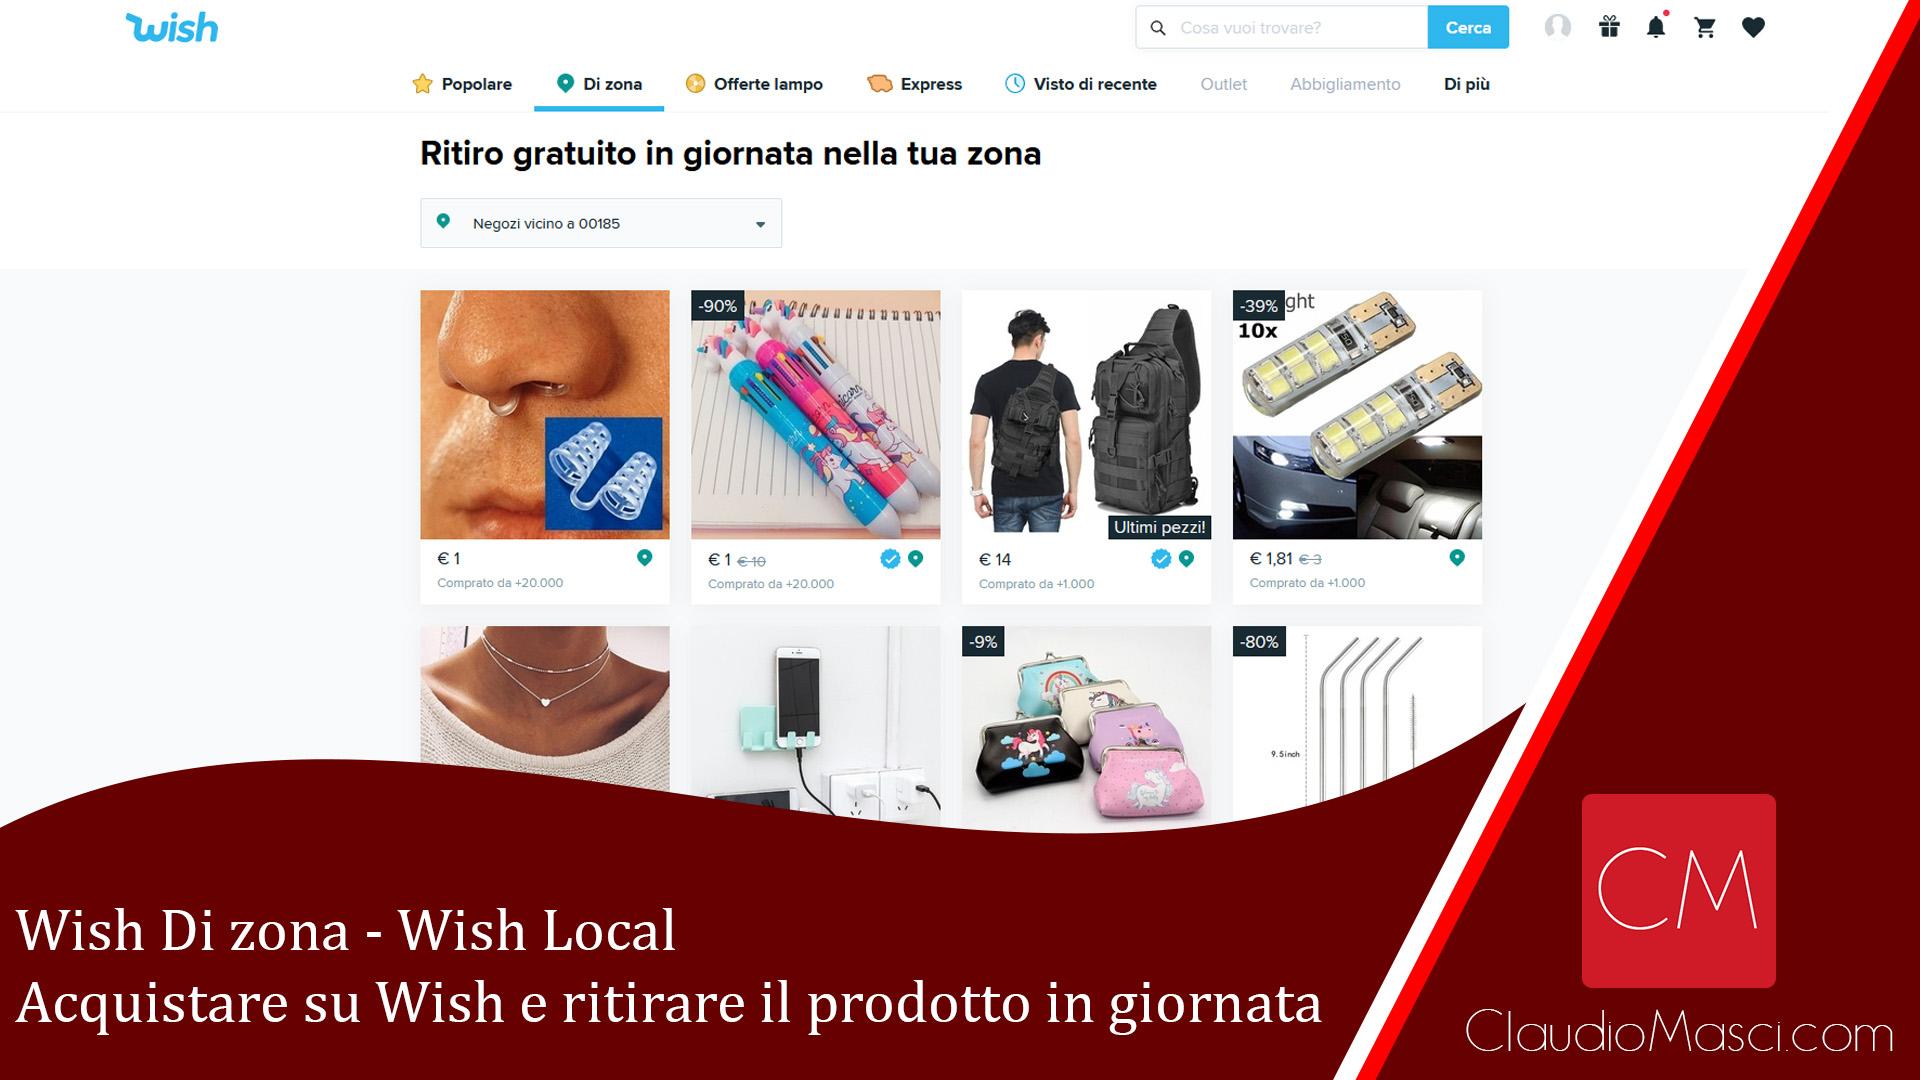 Wish di zona – Acquistare su Wish e ritirare il prodotto in giornata